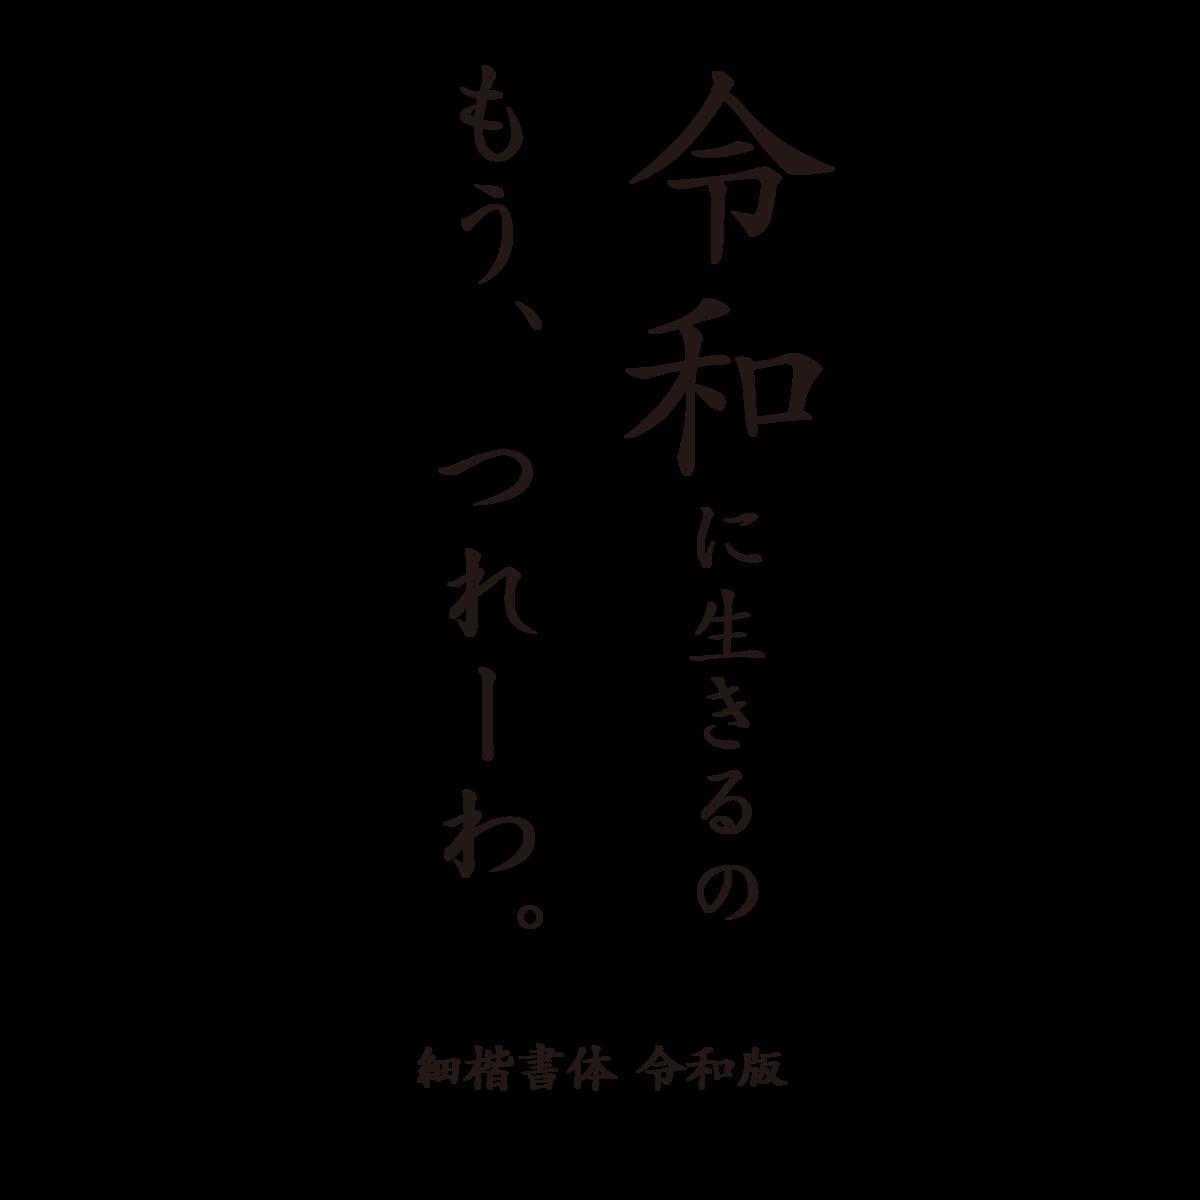 f:id:mojiru:20200608090015p:plain